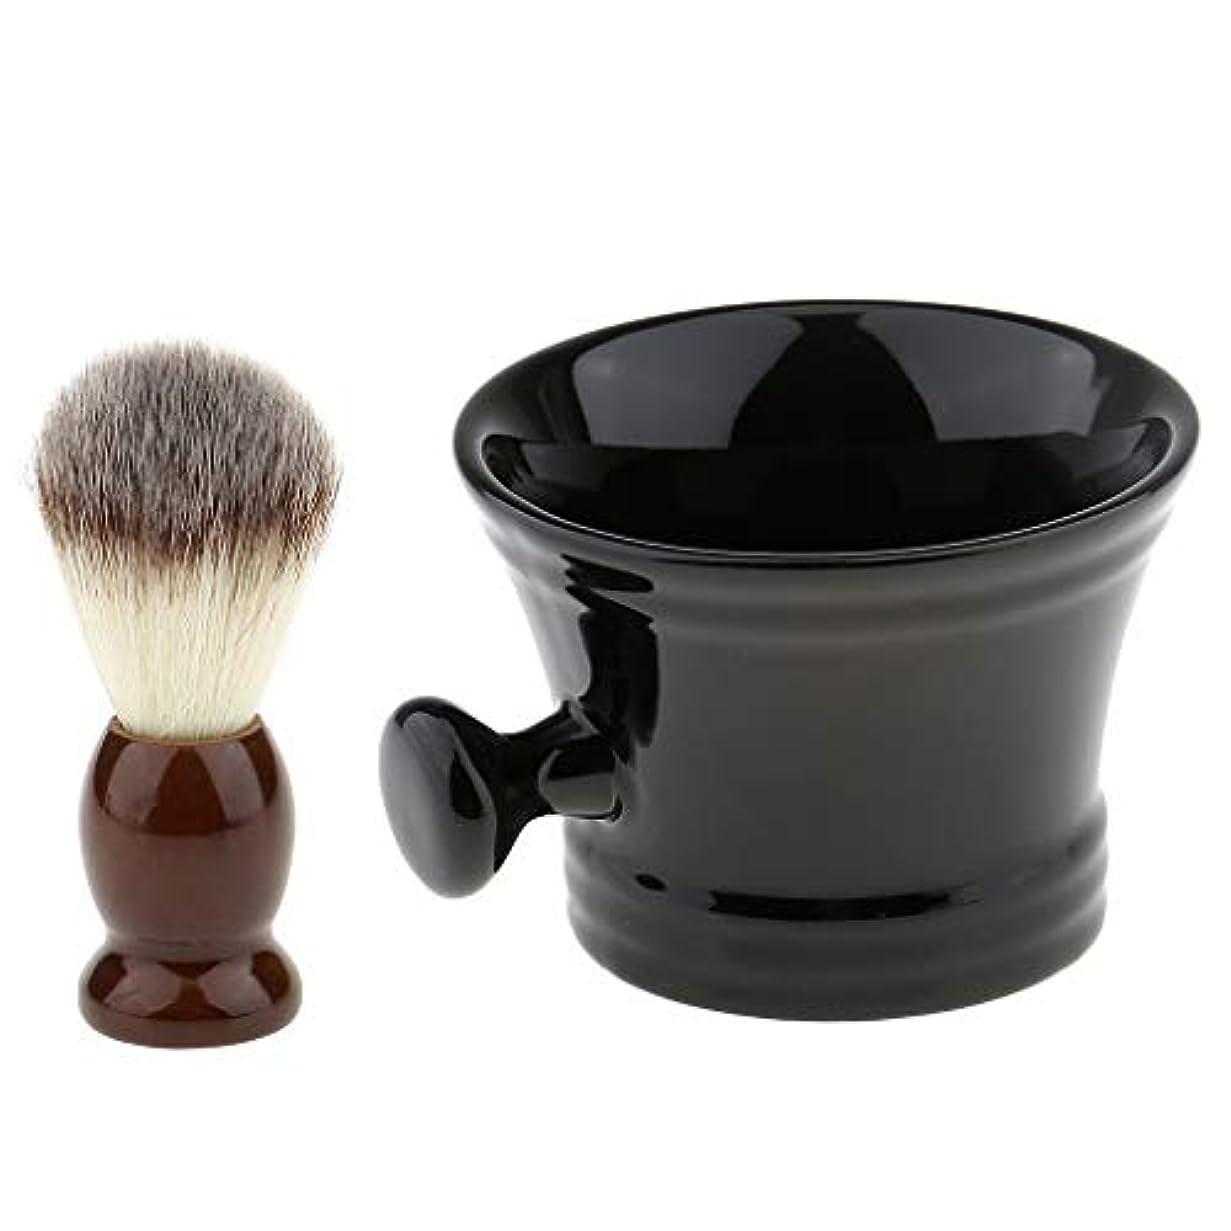 興味戦い洞察力メンズ シェービング 洗顔 髭剃り ひげブラシ セラミックボウル 泡立ち 理容 アクセサリー 2点セット